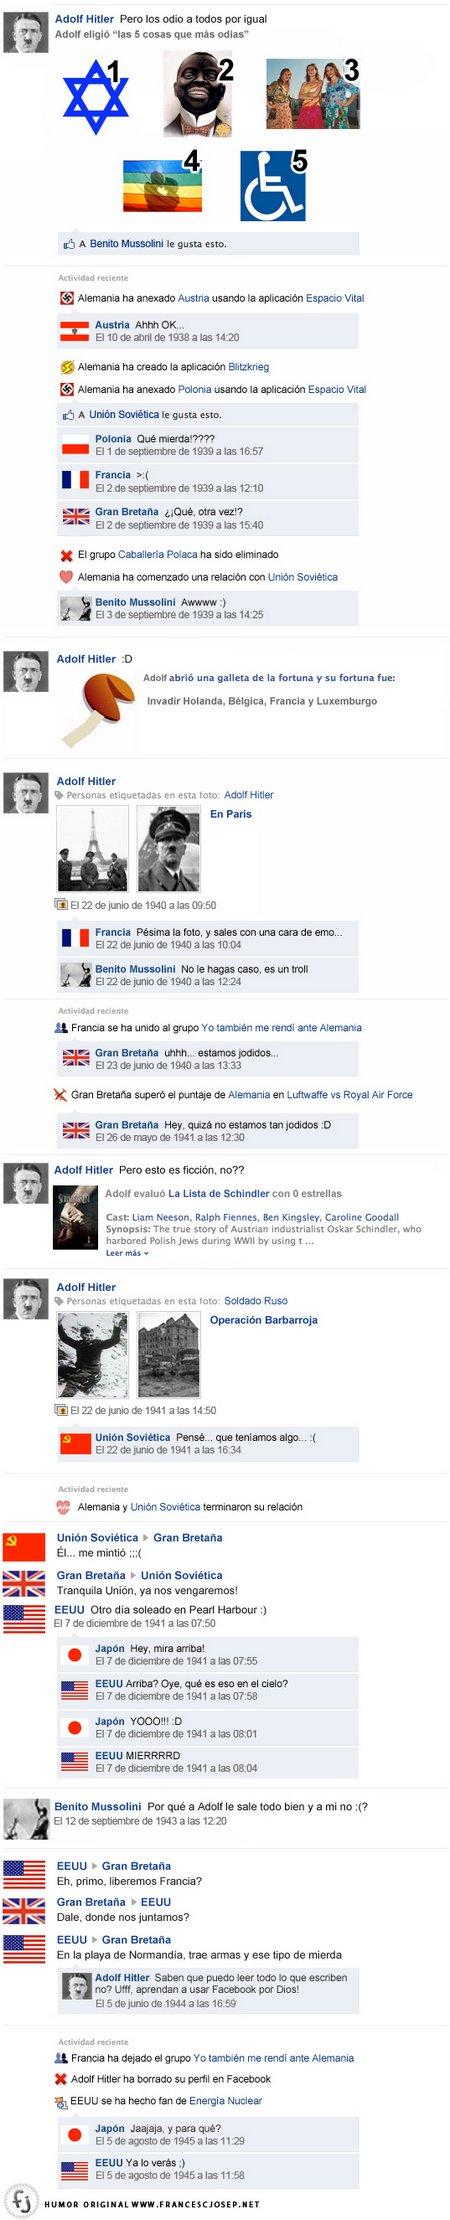 facebookhitler00